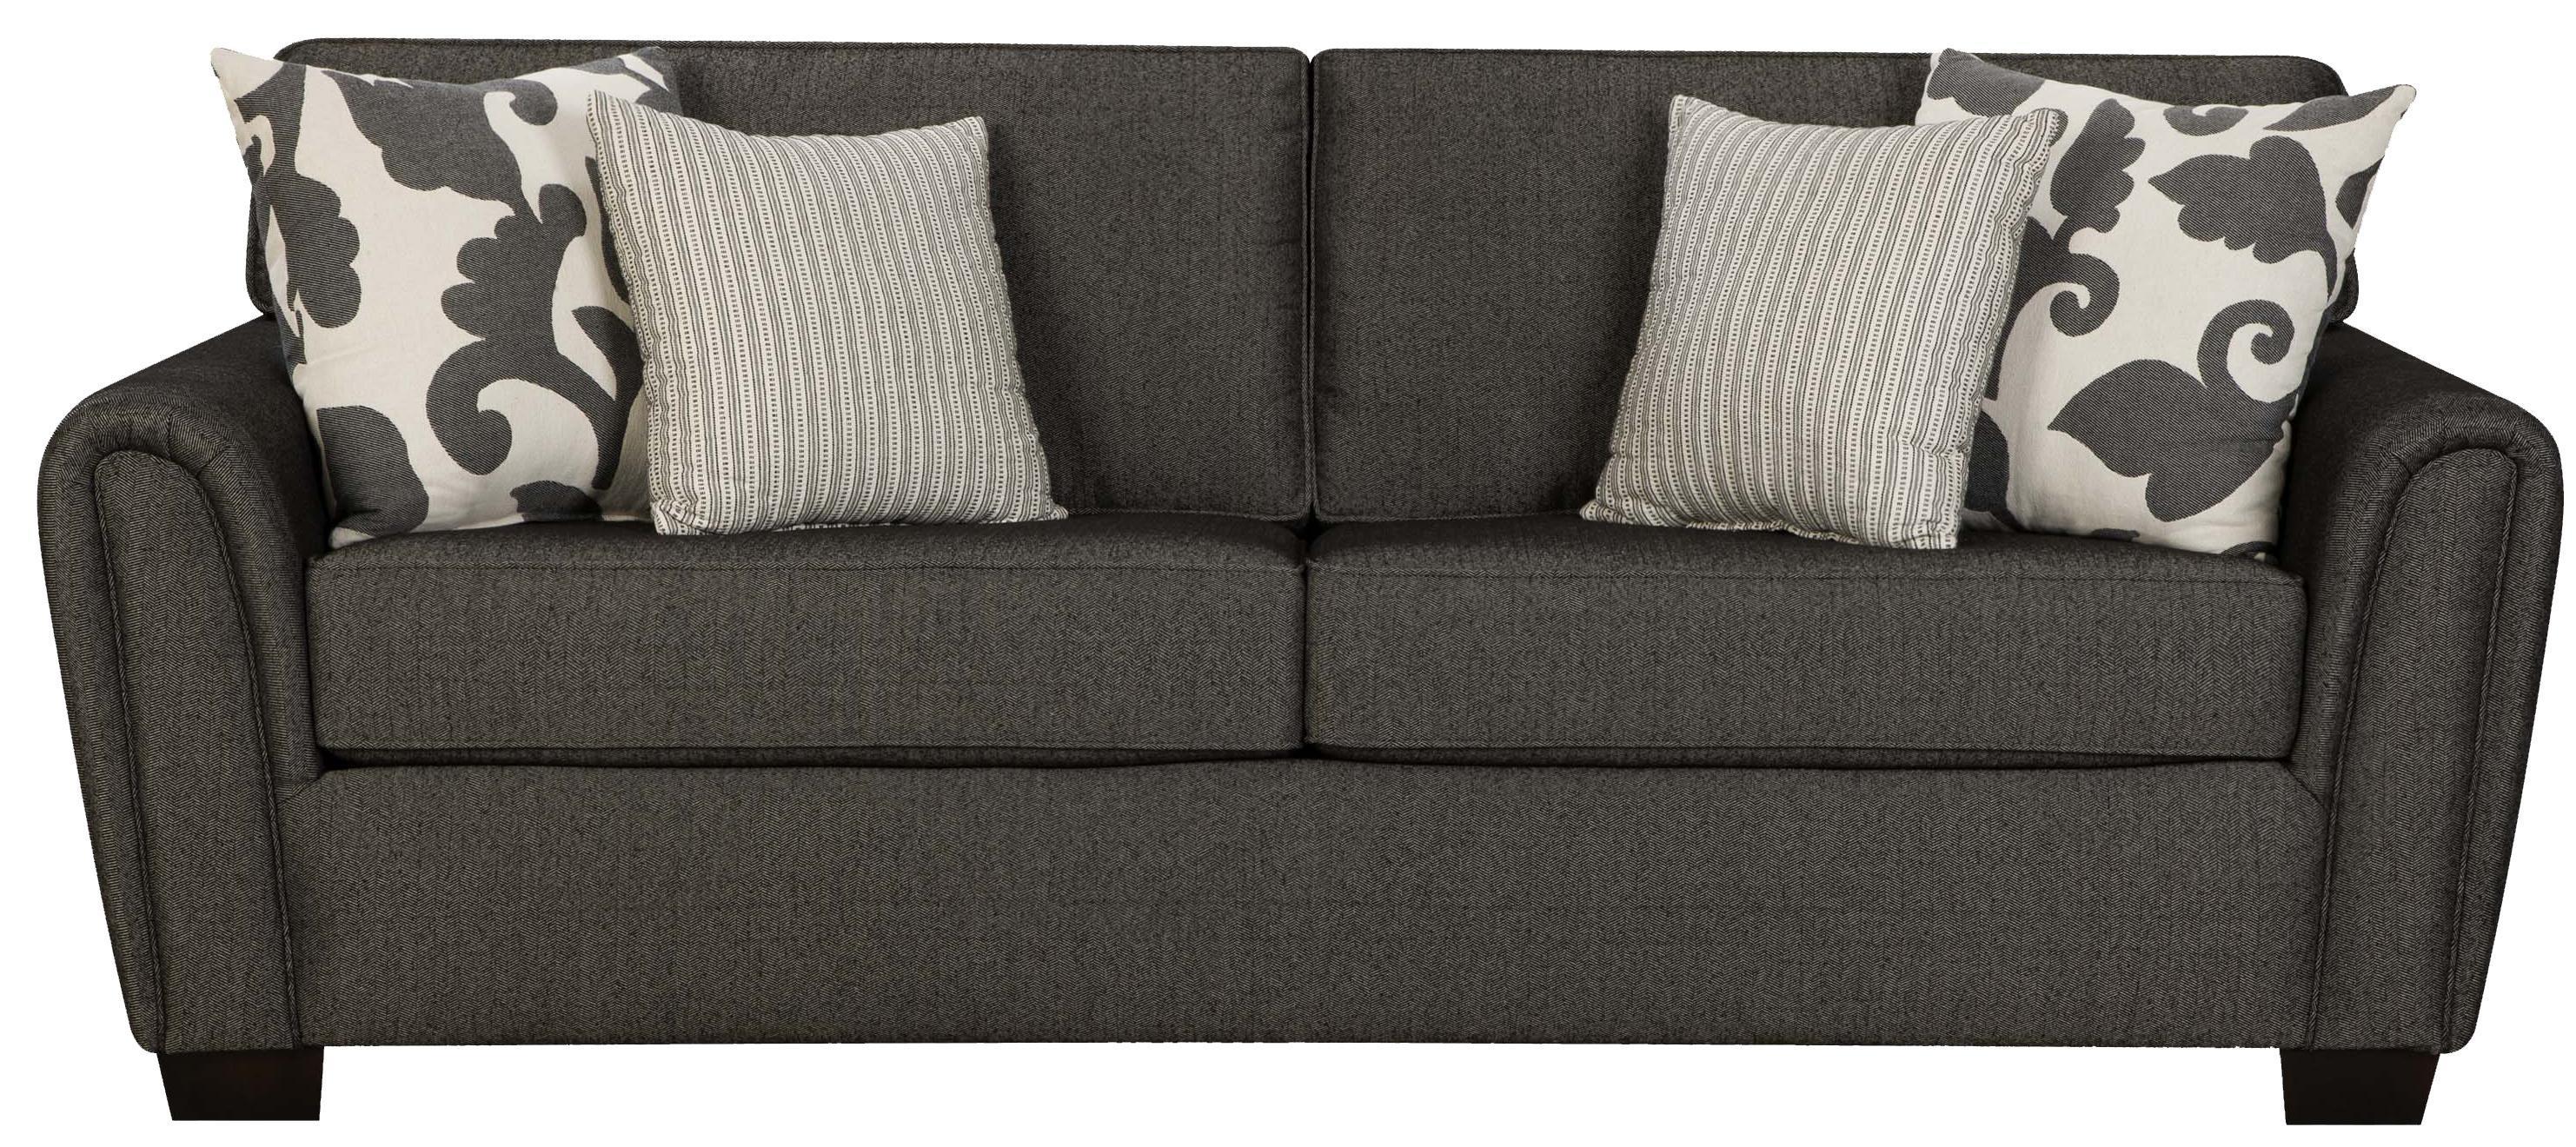 20 Ideas Of Corinthian Sofas Sofa Ideas